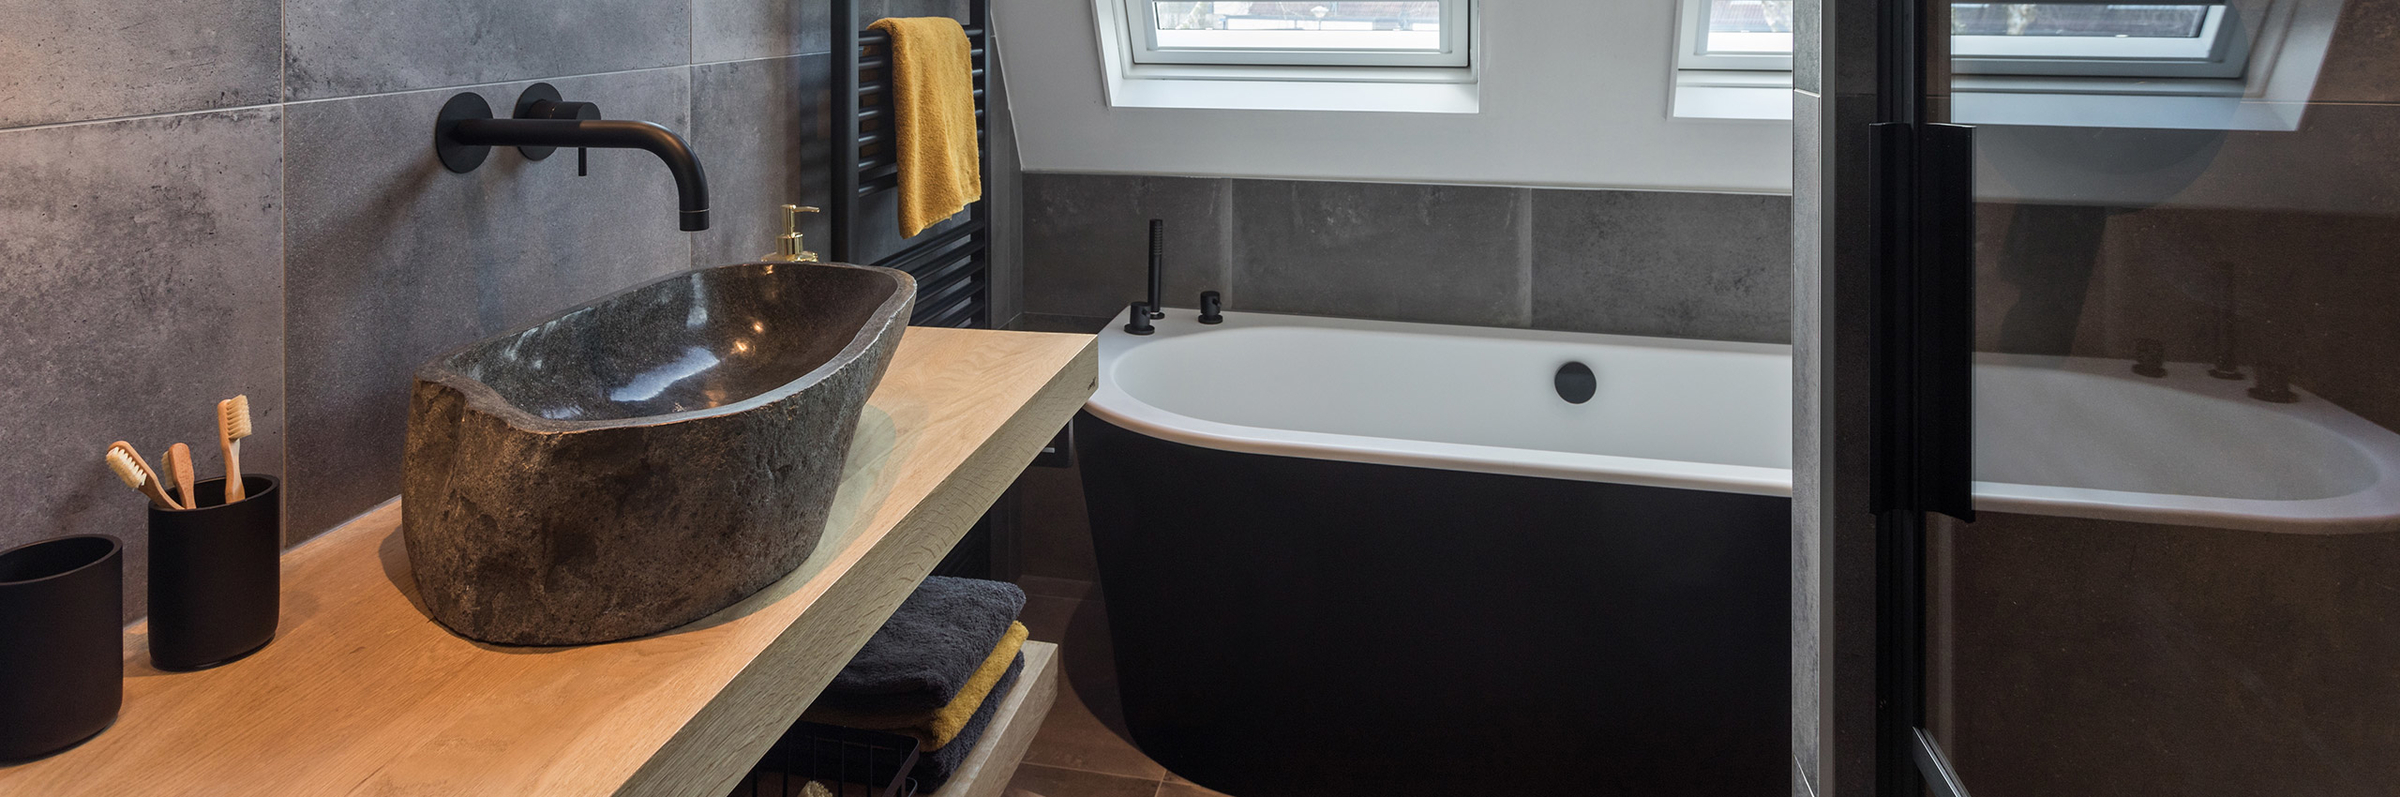 Binnenkijken bij een badkamer met zwart sanitair in Woerden (Astra en Badenplus) - Binnenkijken bij een badkamer met zwart sanitair in Woerden (Astra en Badenplus)